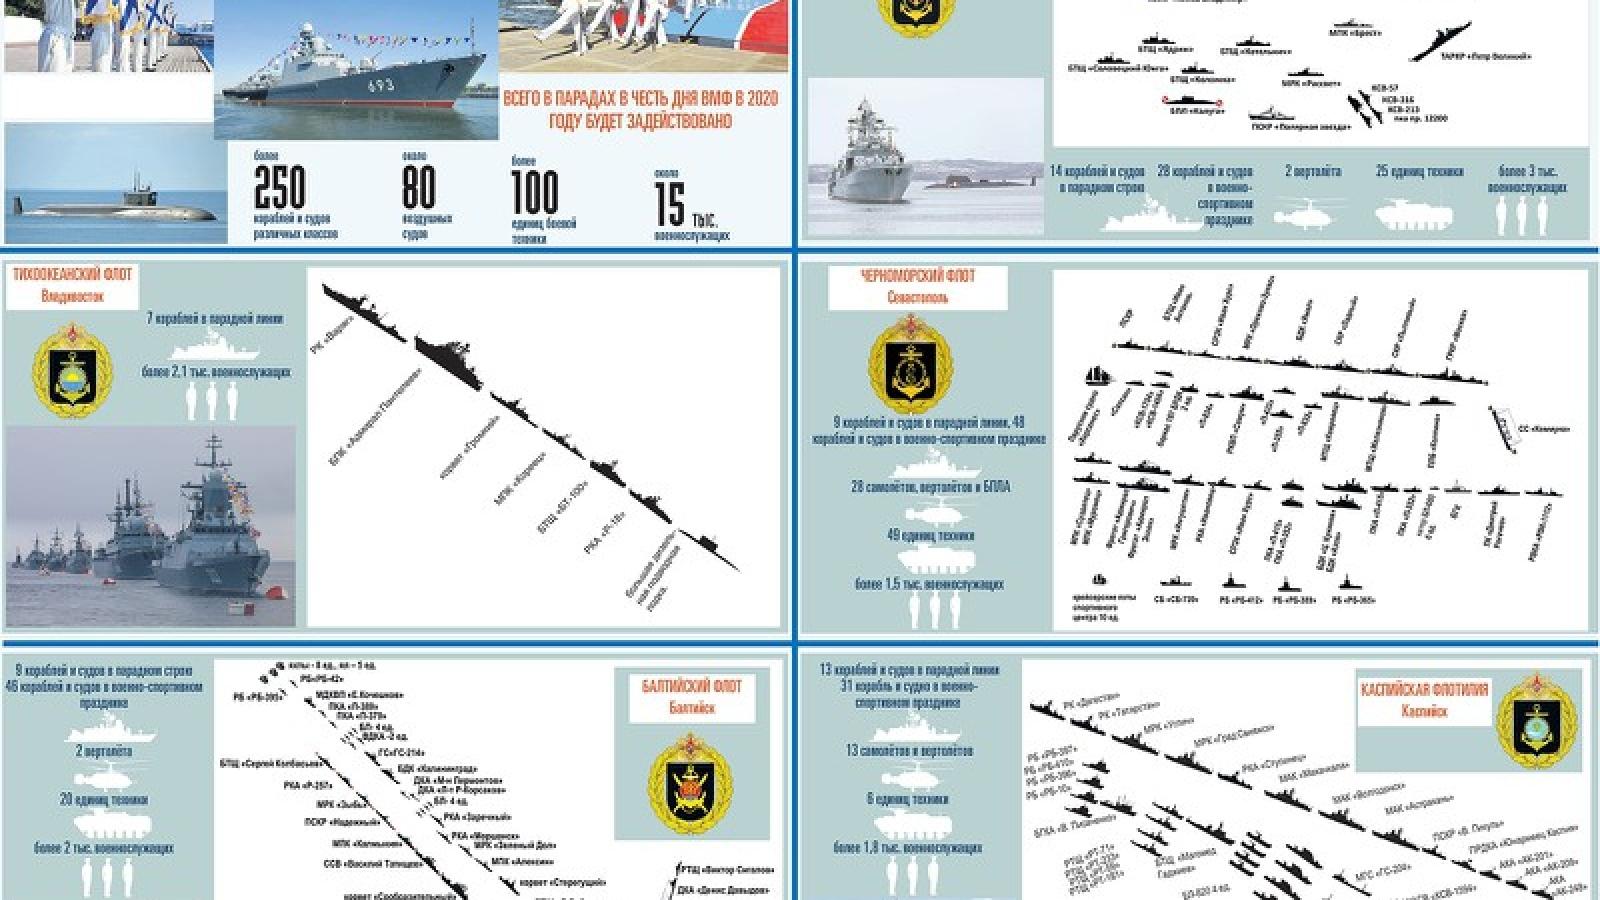 Nga chuẩn bị tổ chức Lễ duyệt binh kỷ niệm ngày Hải quân tại St.Peterburg